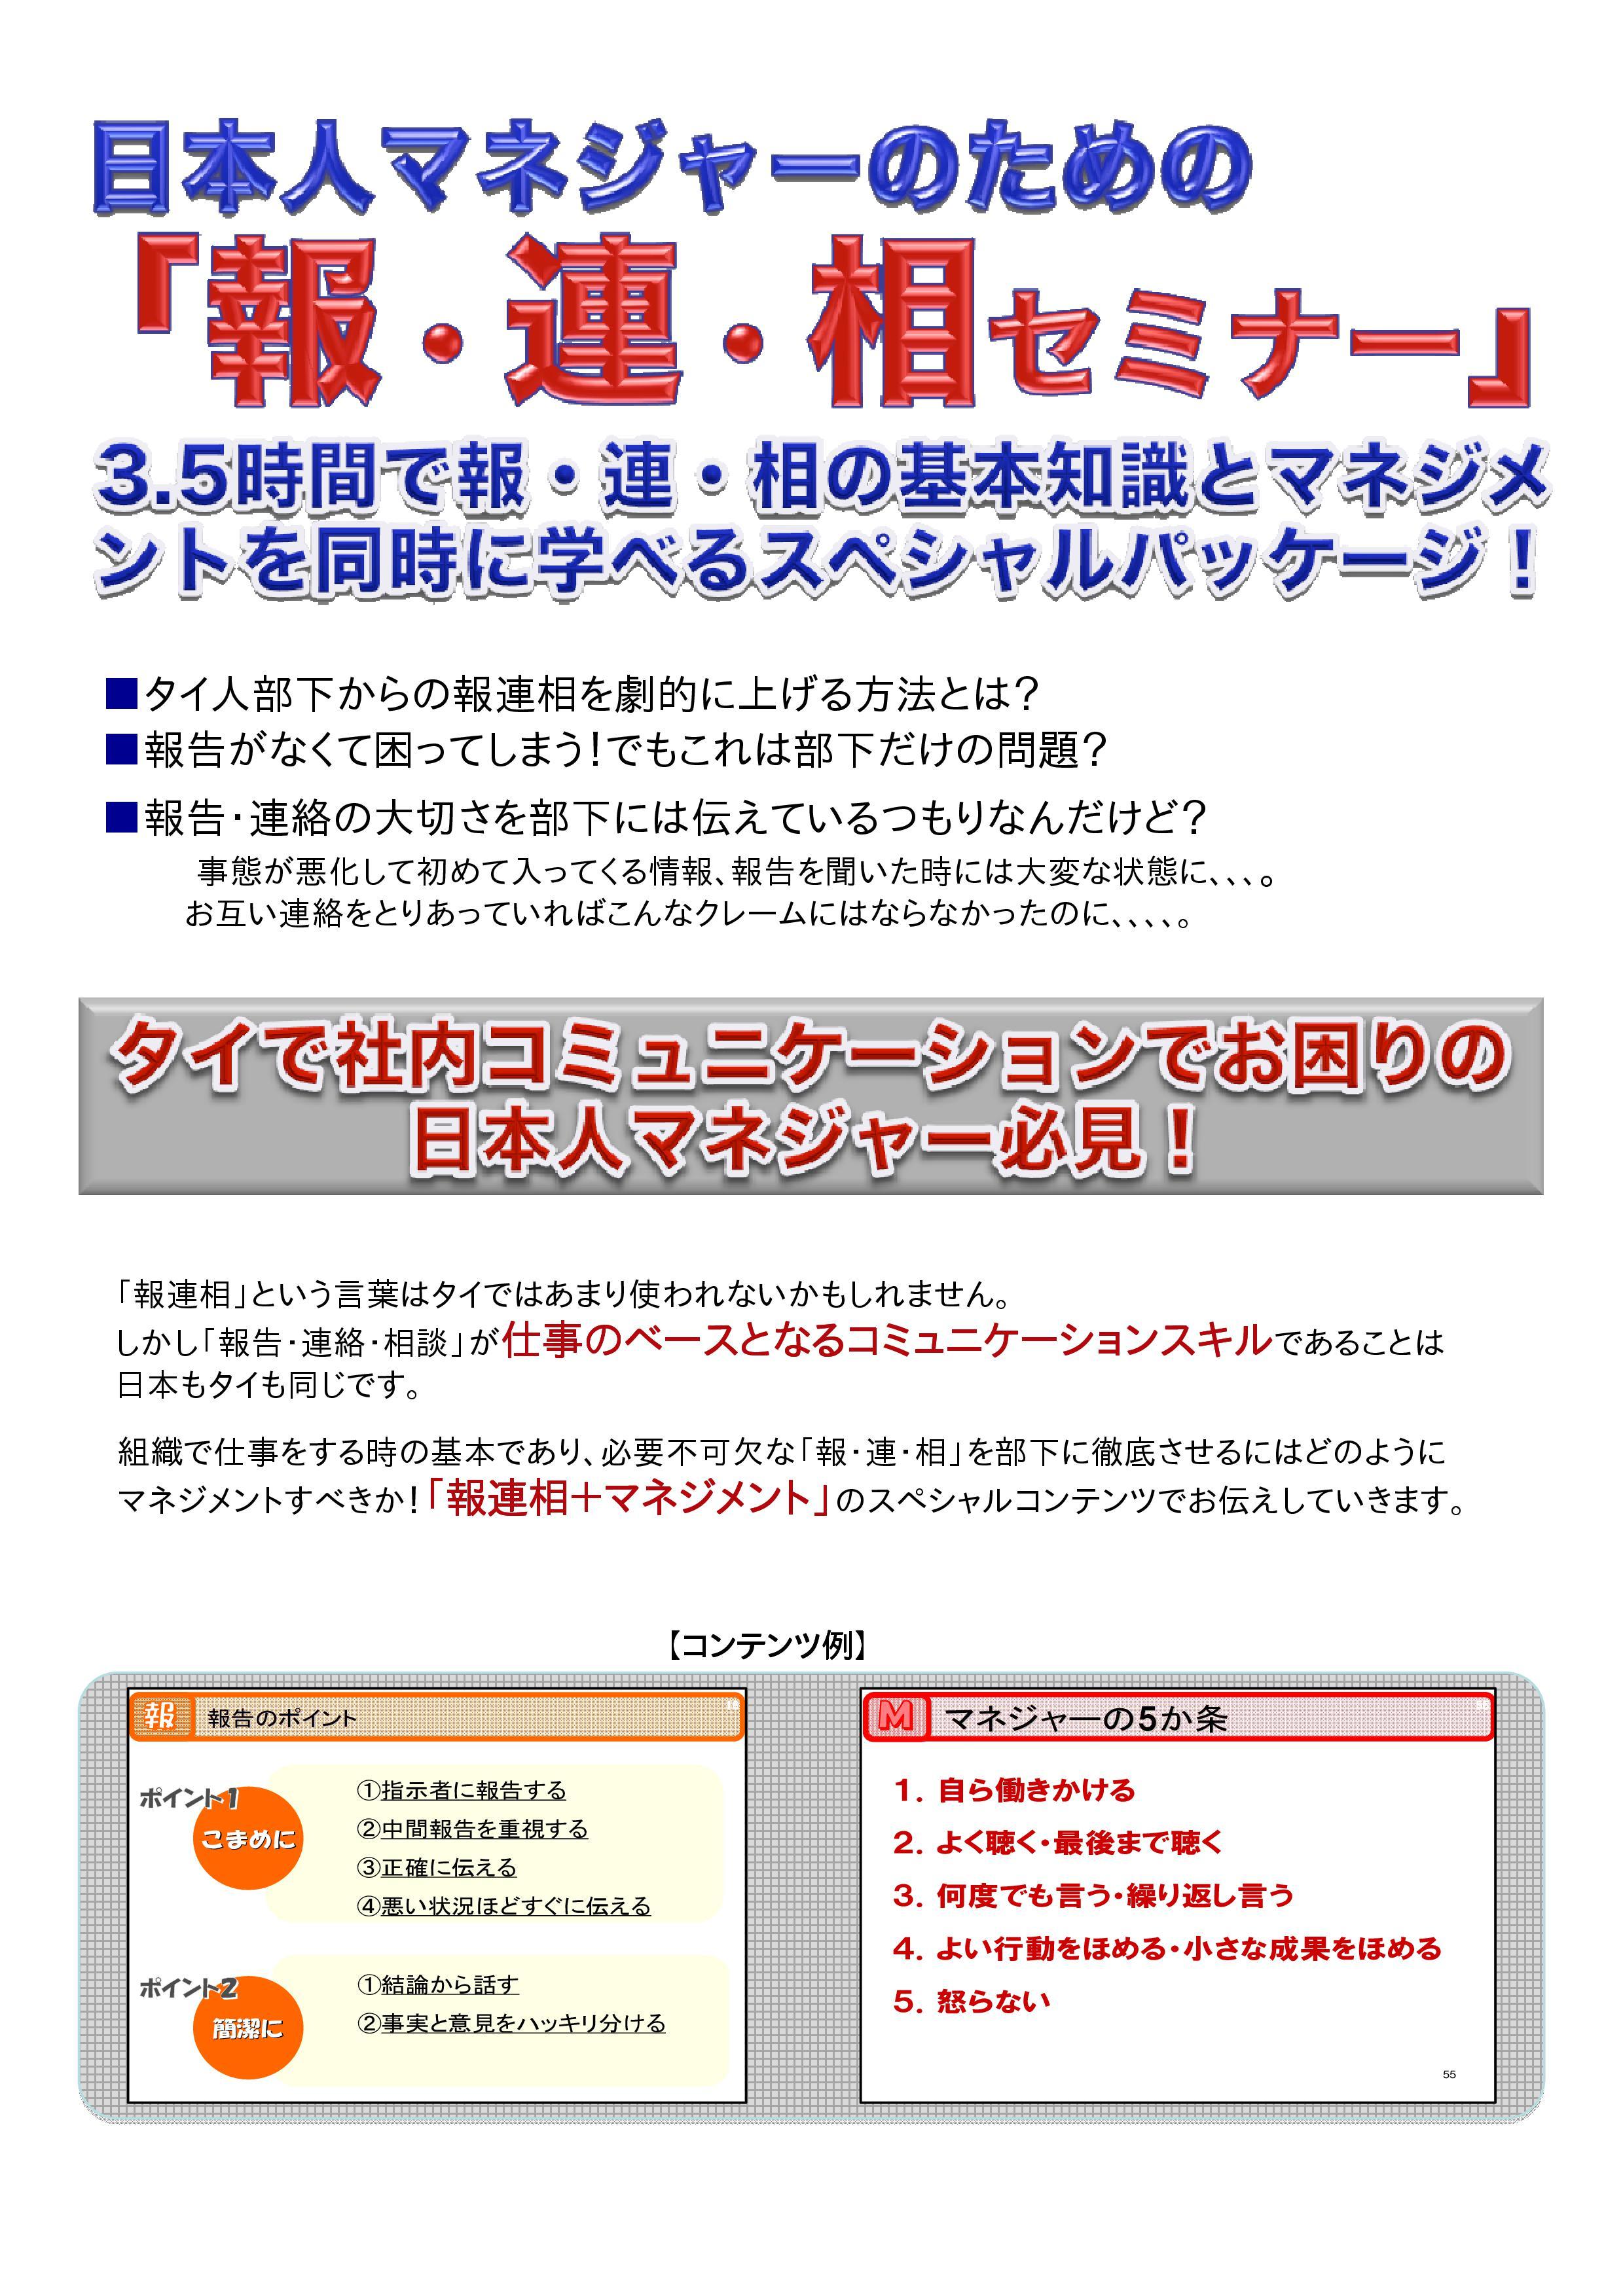 日本人マネジャーのための報連相セミナー